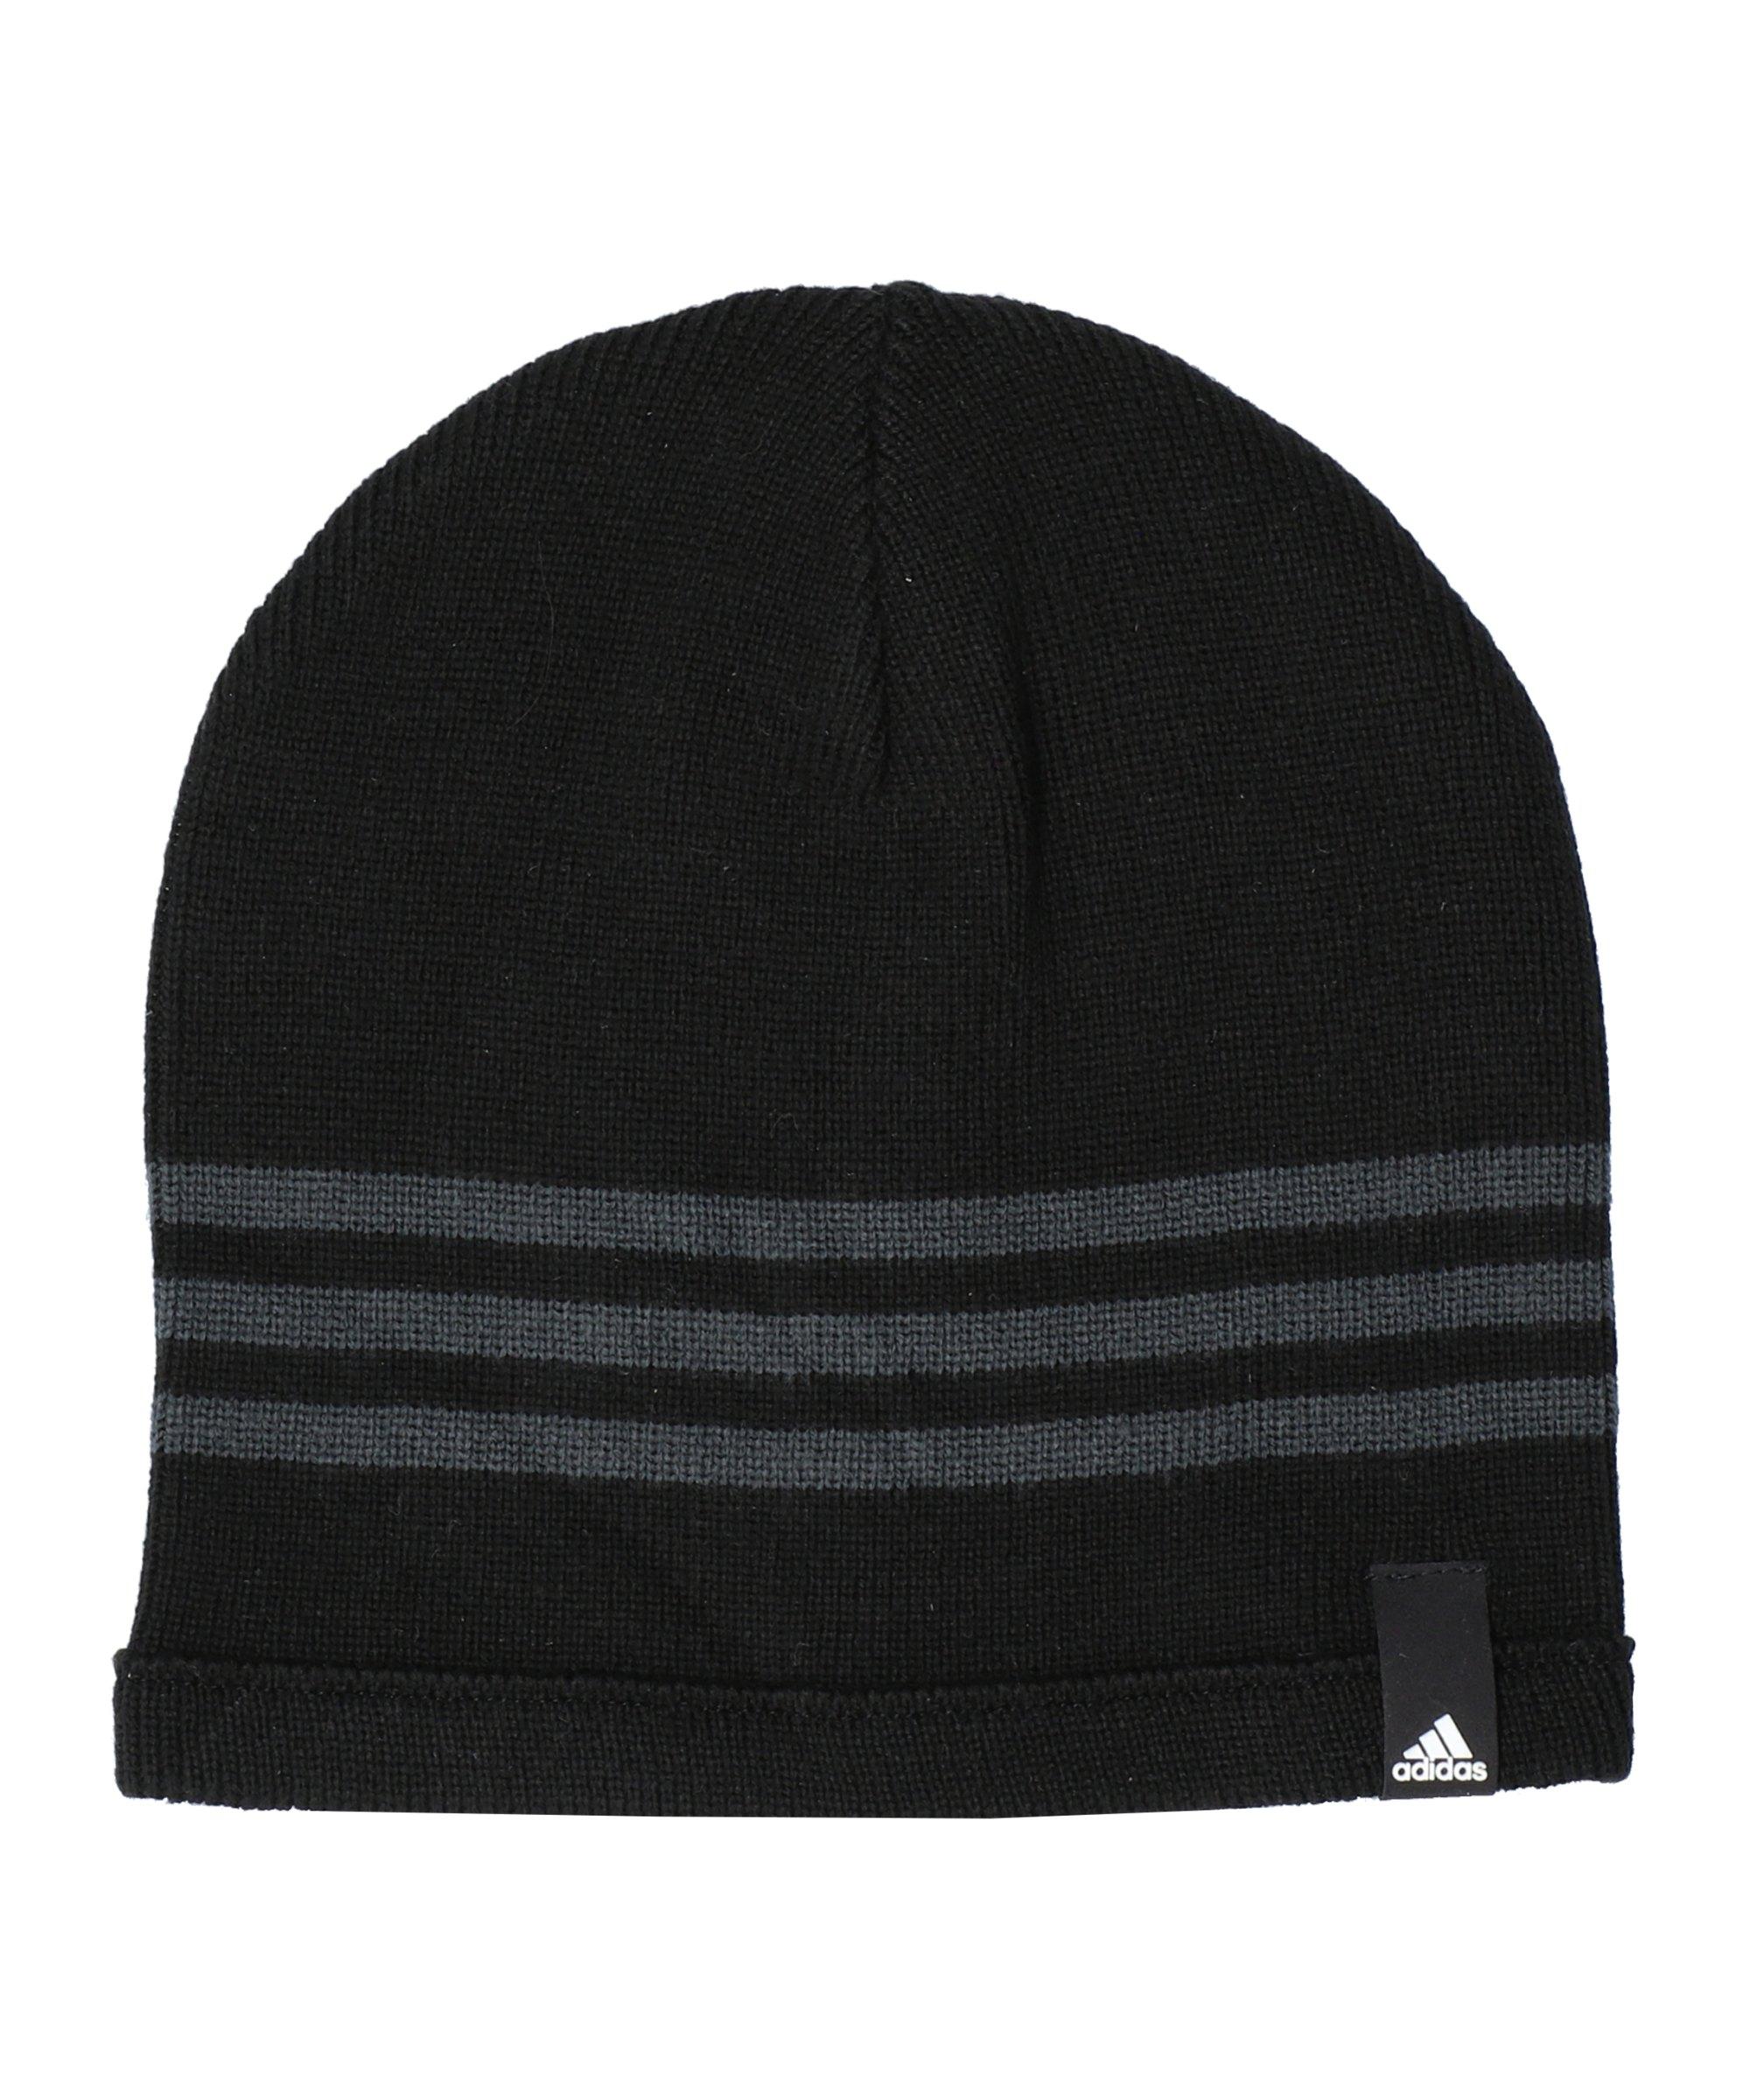 adidas Tiro Beanie Mütze Schwarz Grau - schwarz